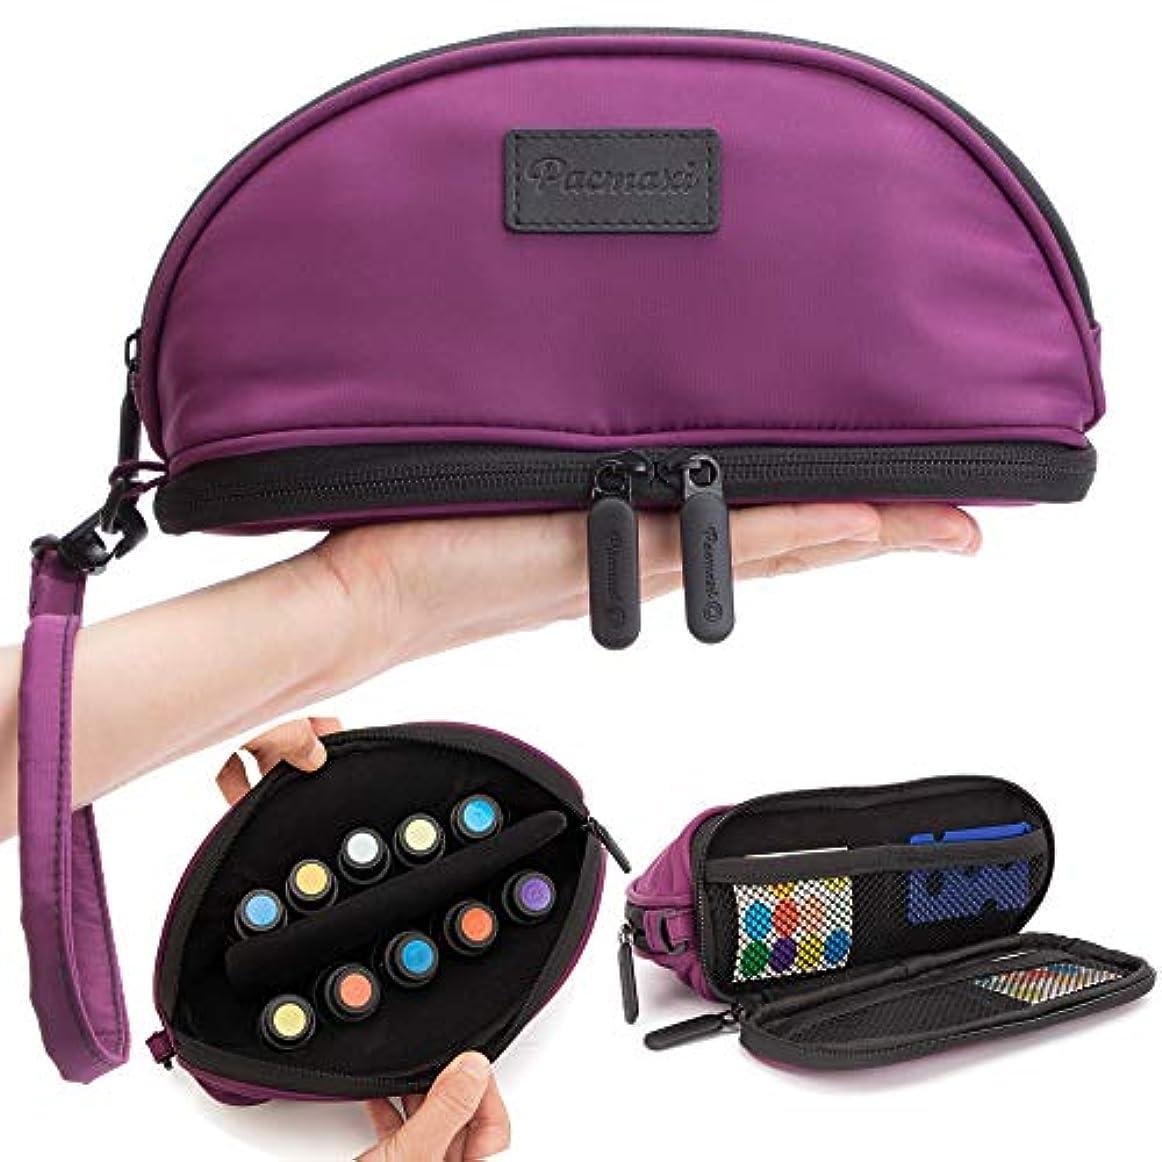 些細ロードされたスカープ[Pacmaxi]エッセンシャルオイル 収納ポーチ 携帯便利 旅行 10本収納(5ml - 15ml) ナイロン製 撥水加工 ストラップあり (パープル)